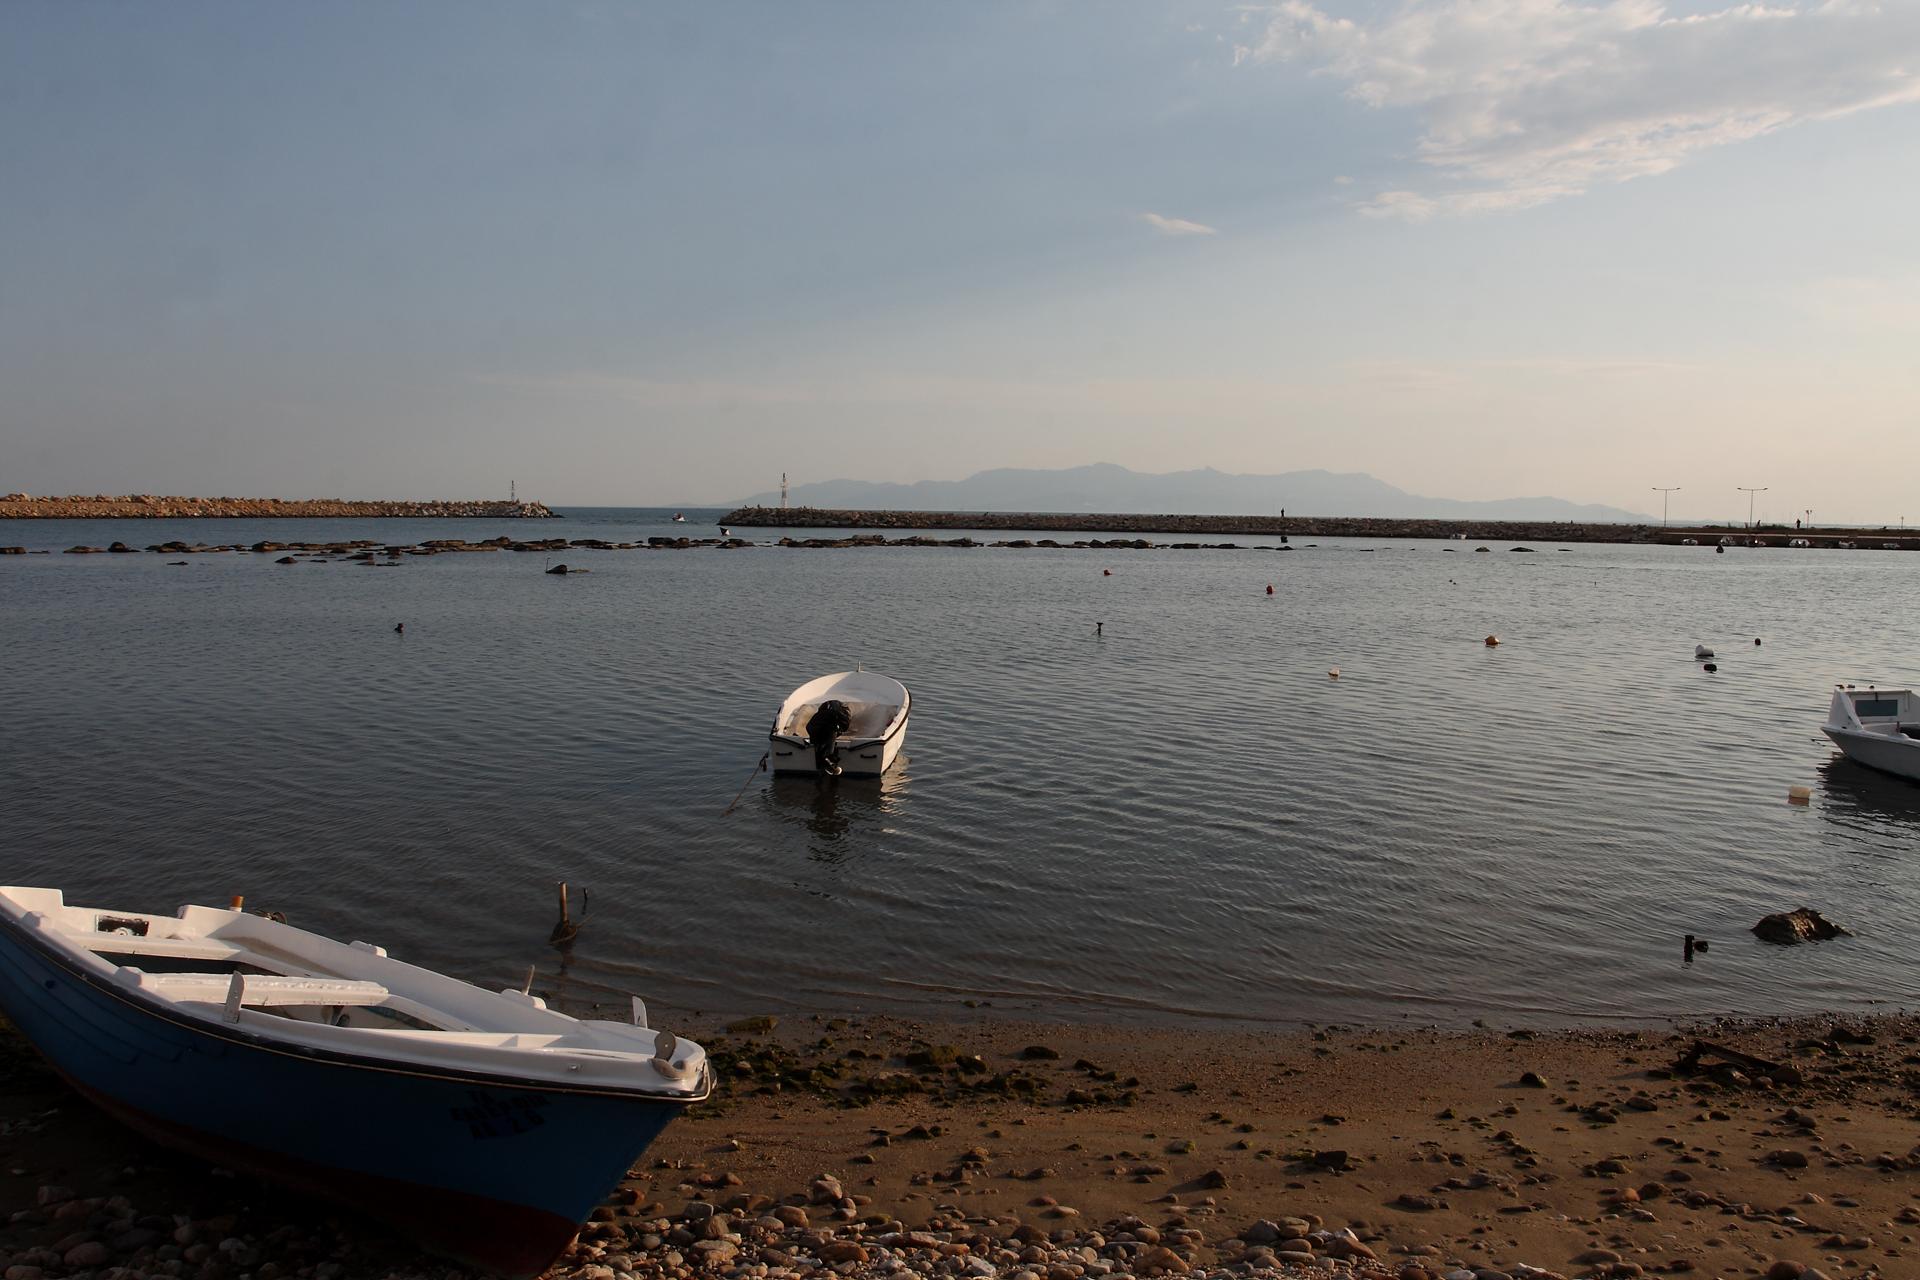 Αποτέλεσμα εικόνας για αρχαια βυθισμενη πολη Λιμάνι Αβδήρων.